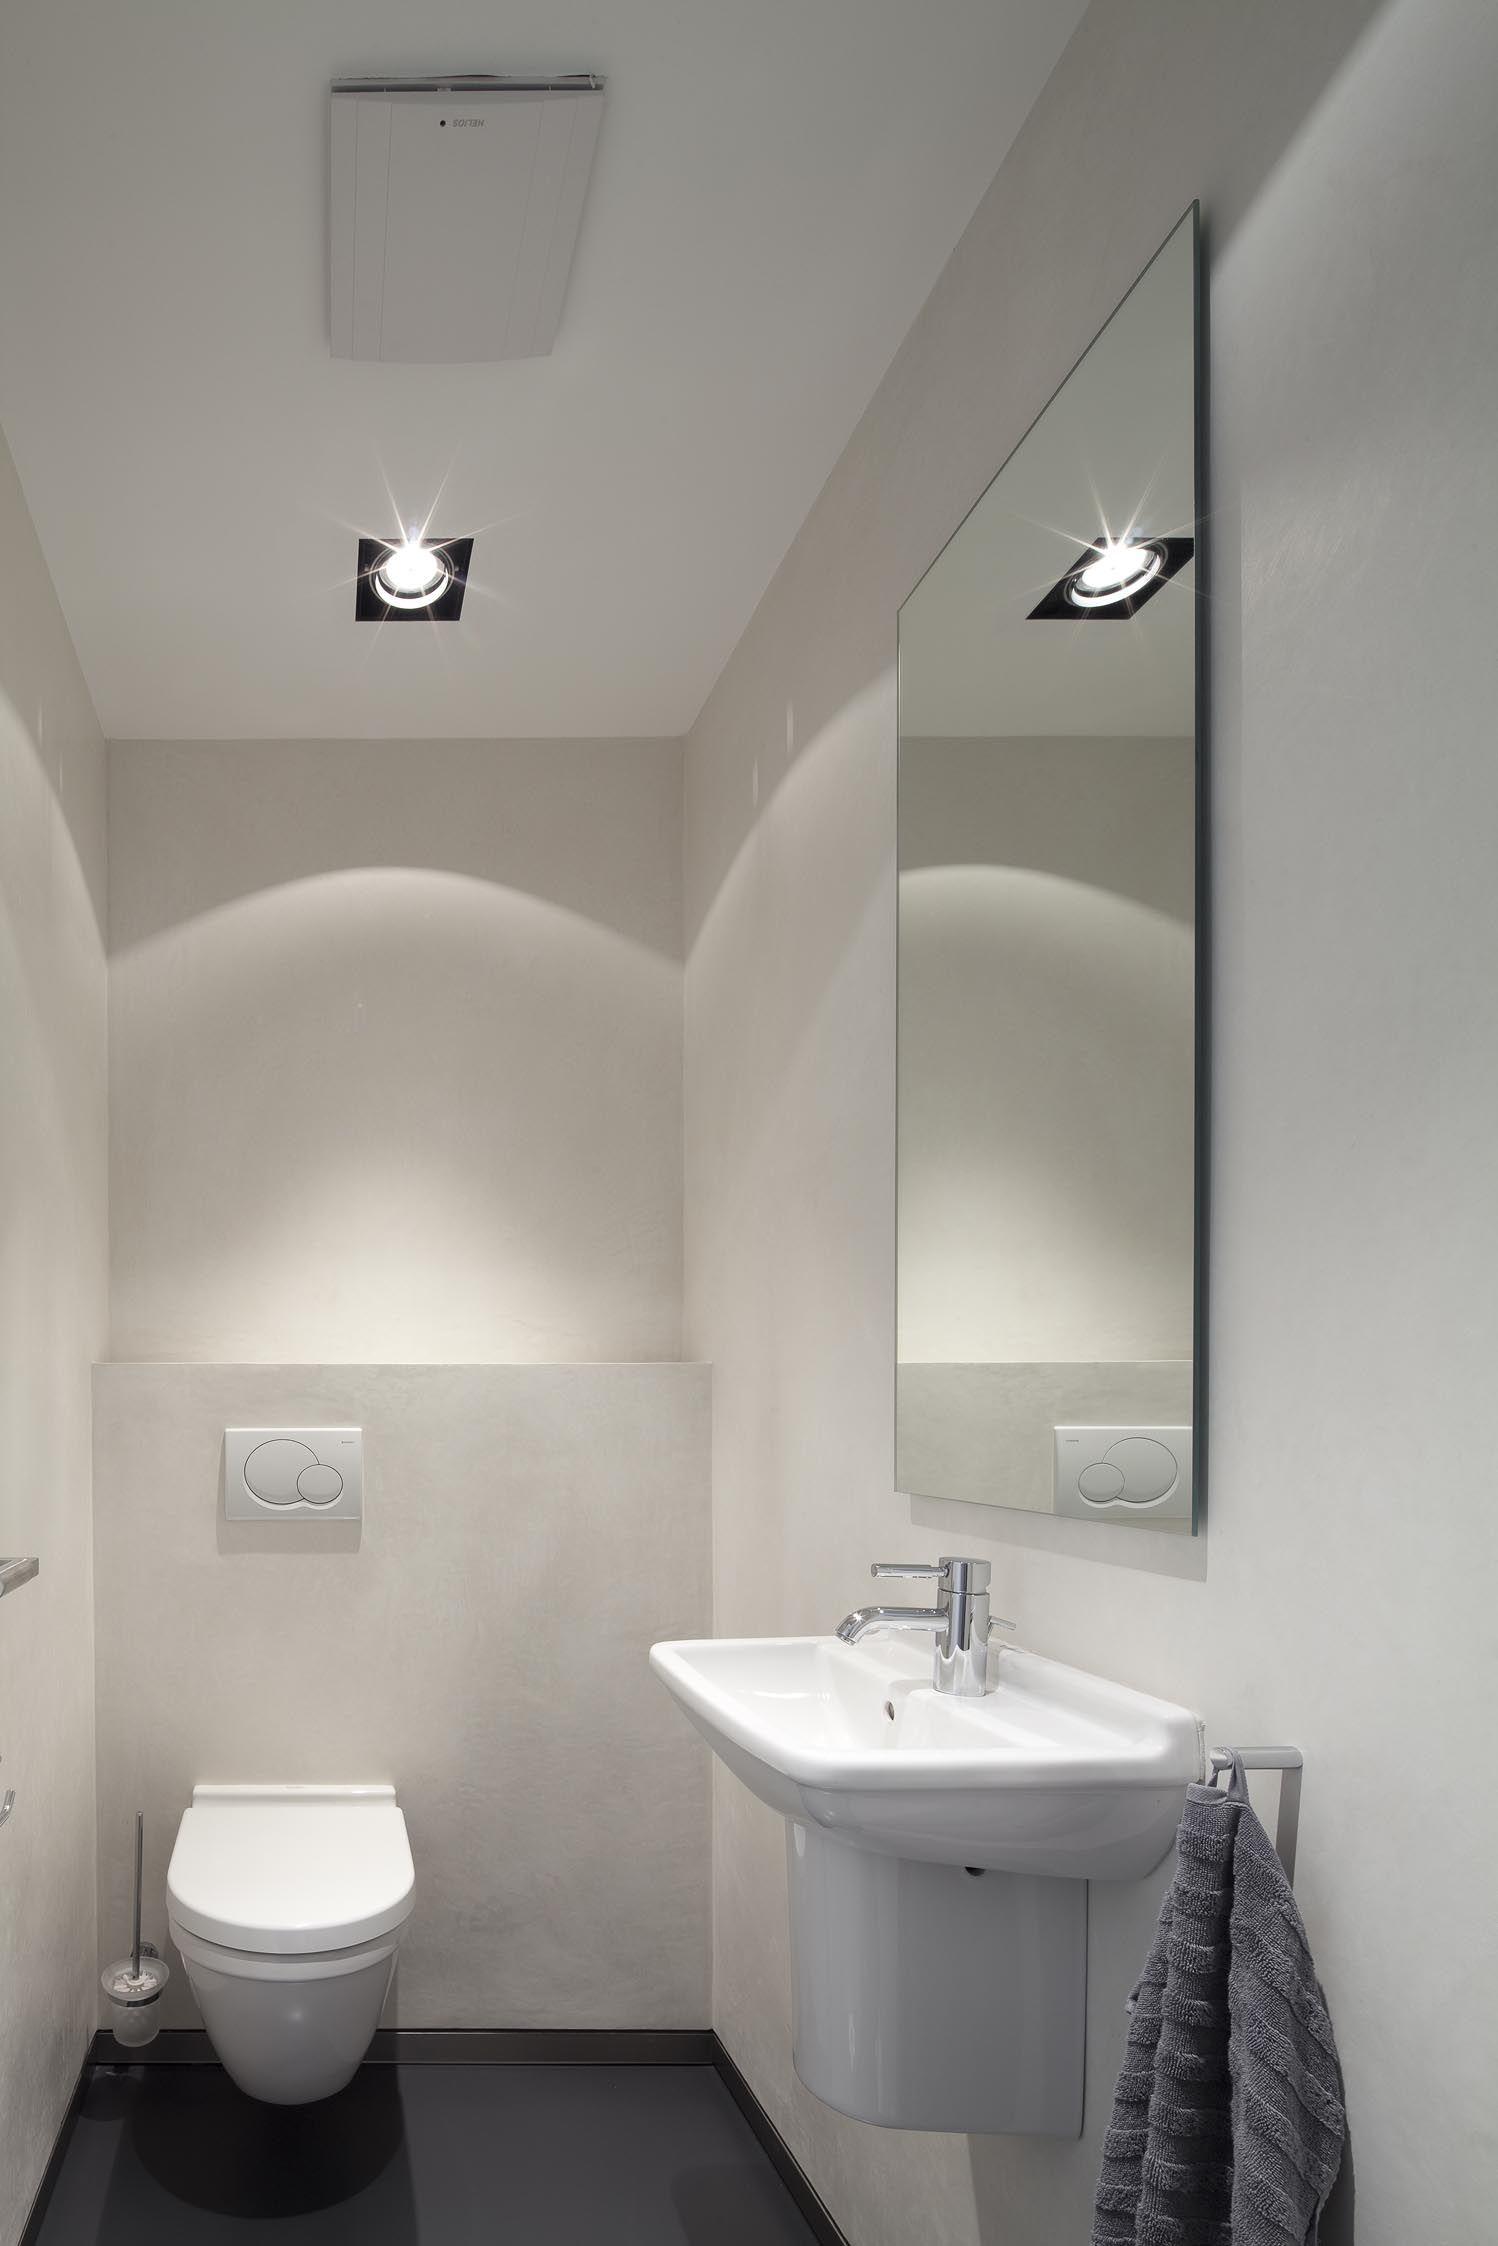 Stylish Zeitlos Hygienisch Und Praktisch Fugenlose Badezimmer Und Wc S Ohne Fliesen Badezimmer Badezimmerideen Baden